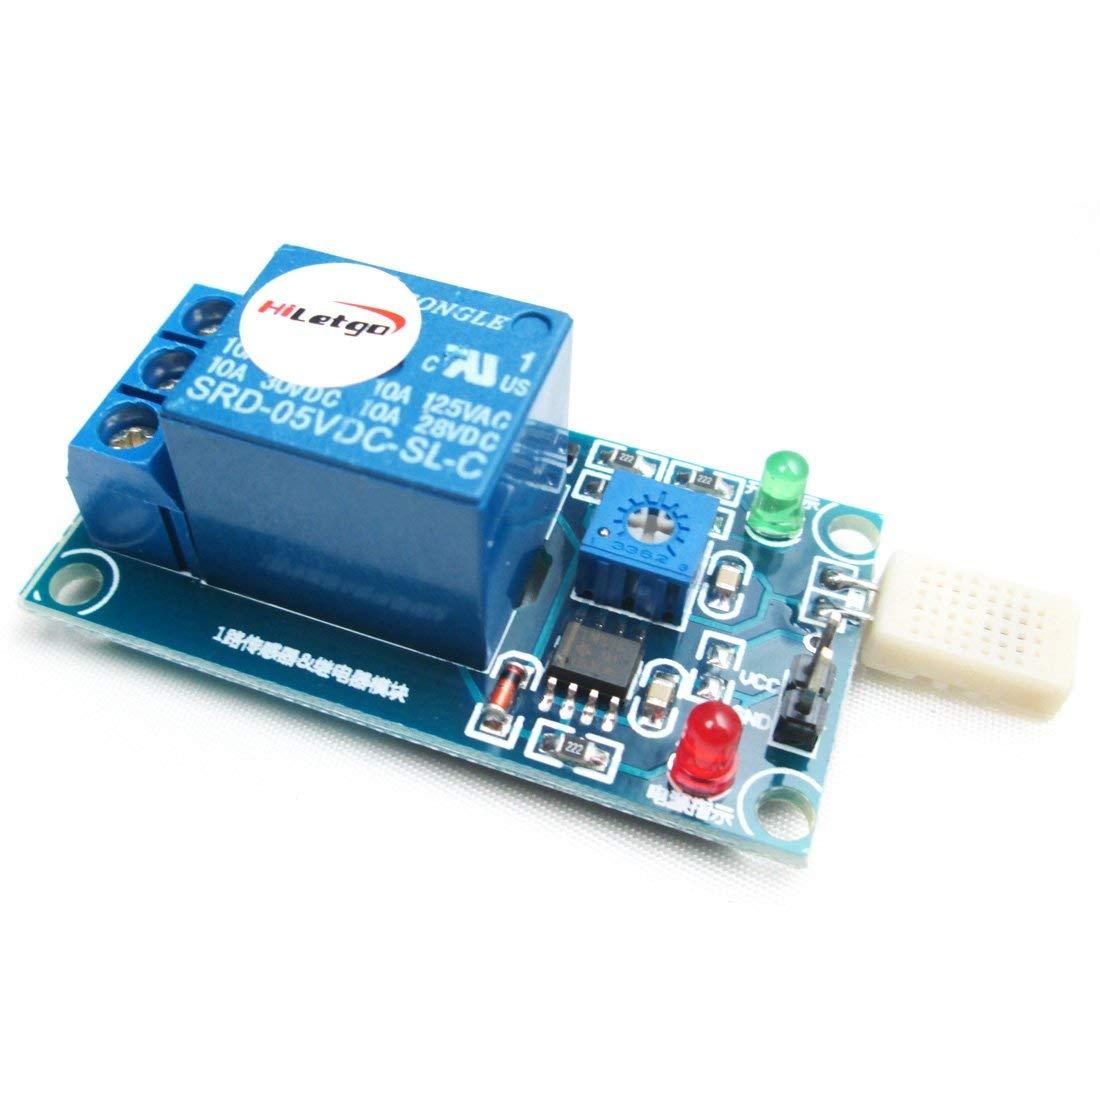 HR202 Humidity Sensor Switch Relay Module Control Board DC 5V 1-Channal